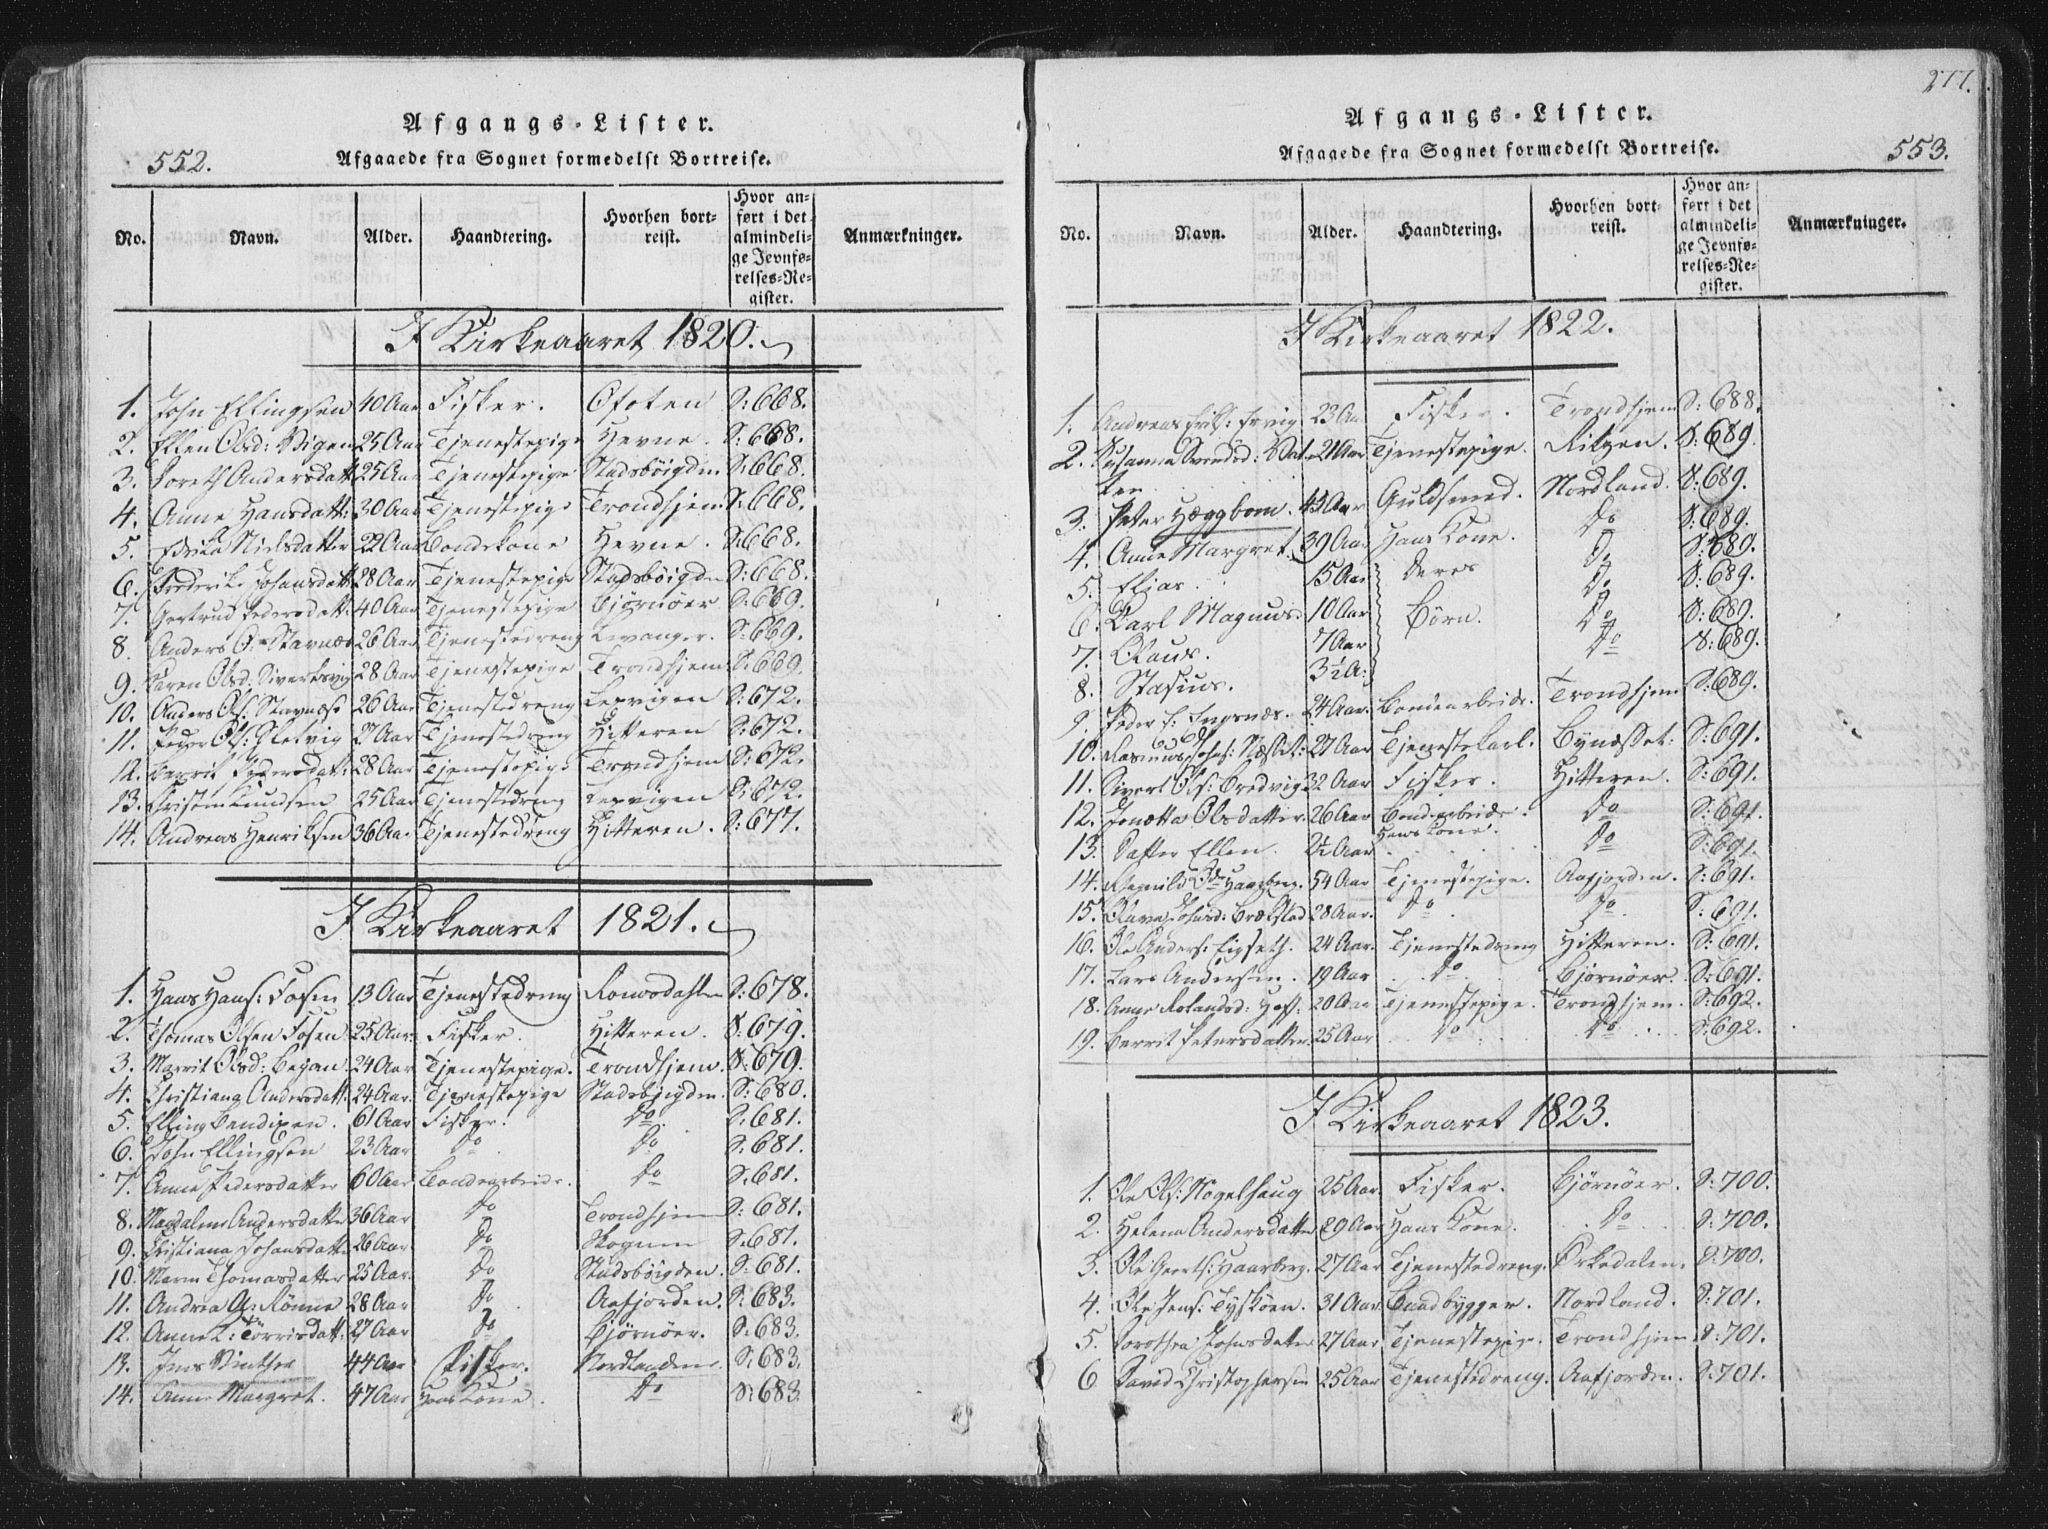 SAT, Ministerialprotokoller, klokkerbøker og fødselsregistre - Sør-Trøndelag, 659/L0734: Ministerialbok nr. 659A04, 1818-1825, s. 552-553